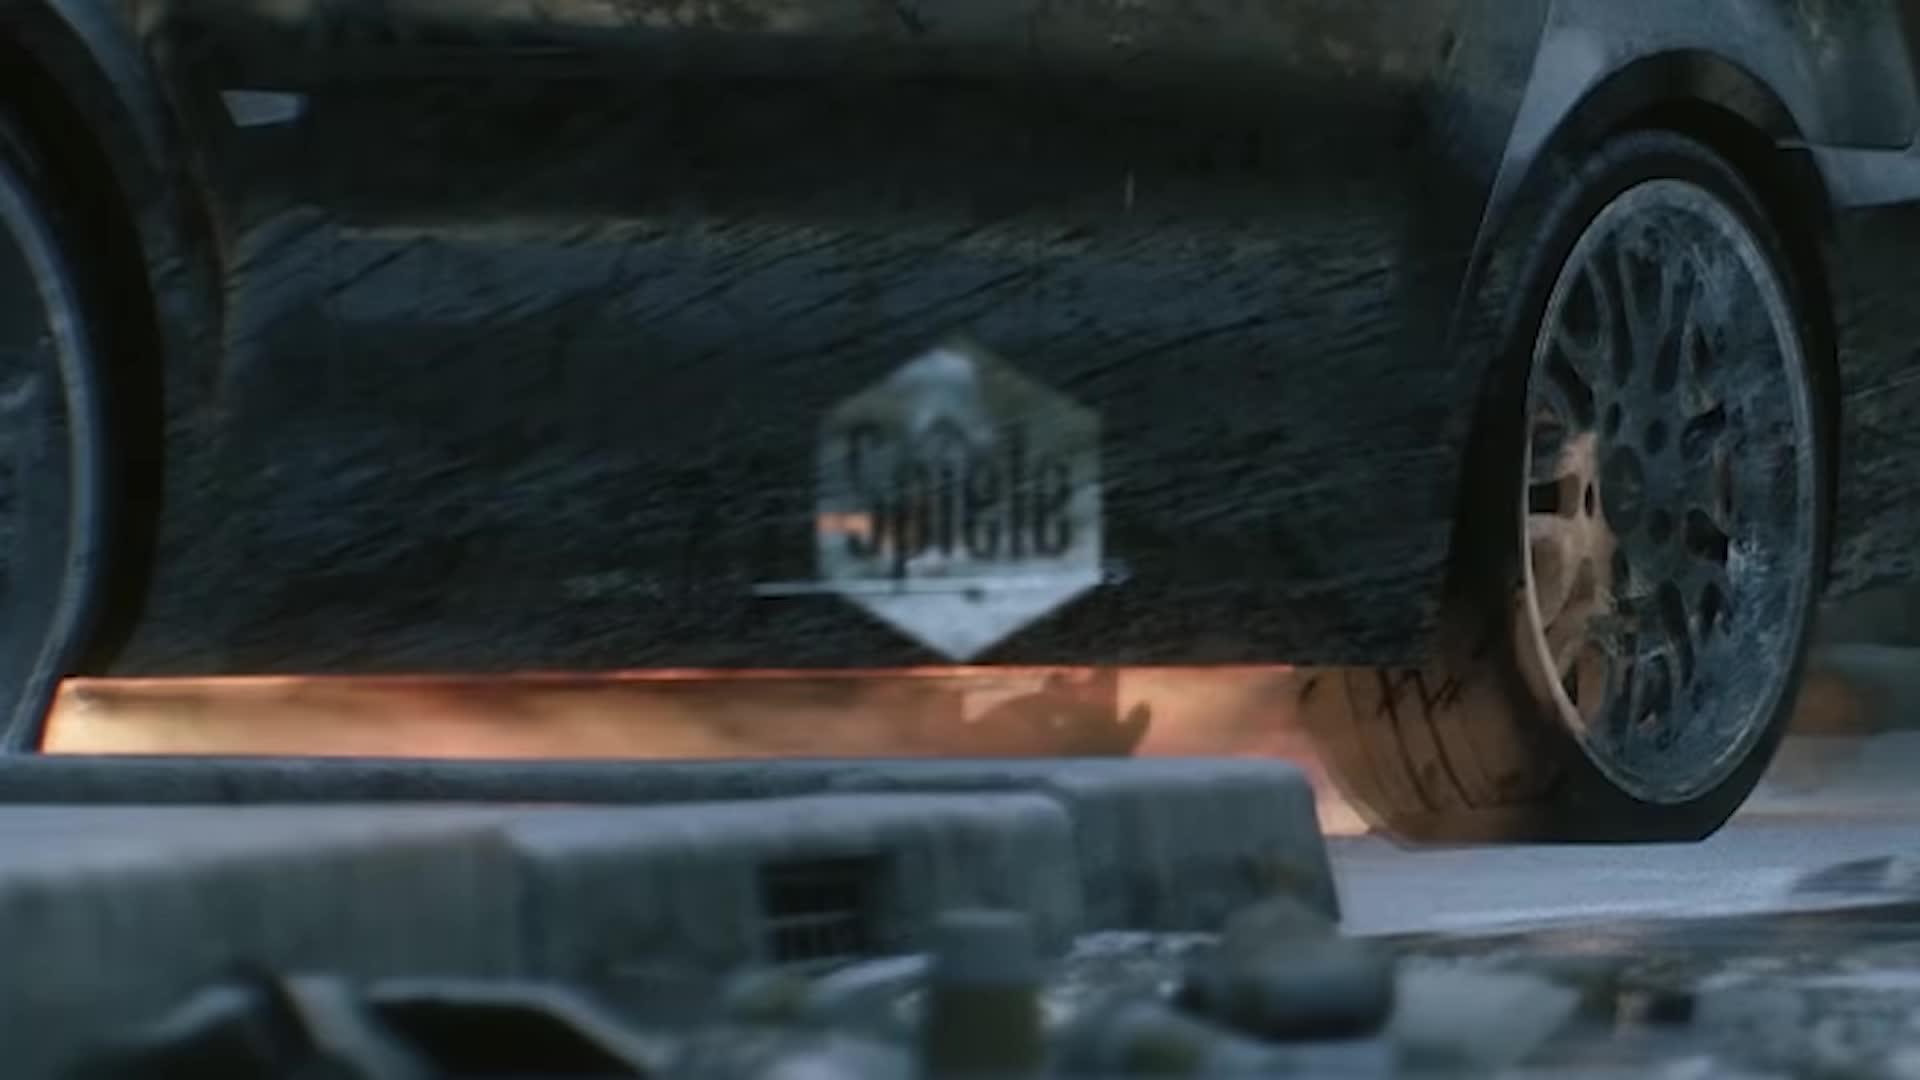 Fortnite Season 6 Intro Cinematic 2018 Trailer Gif Find Make